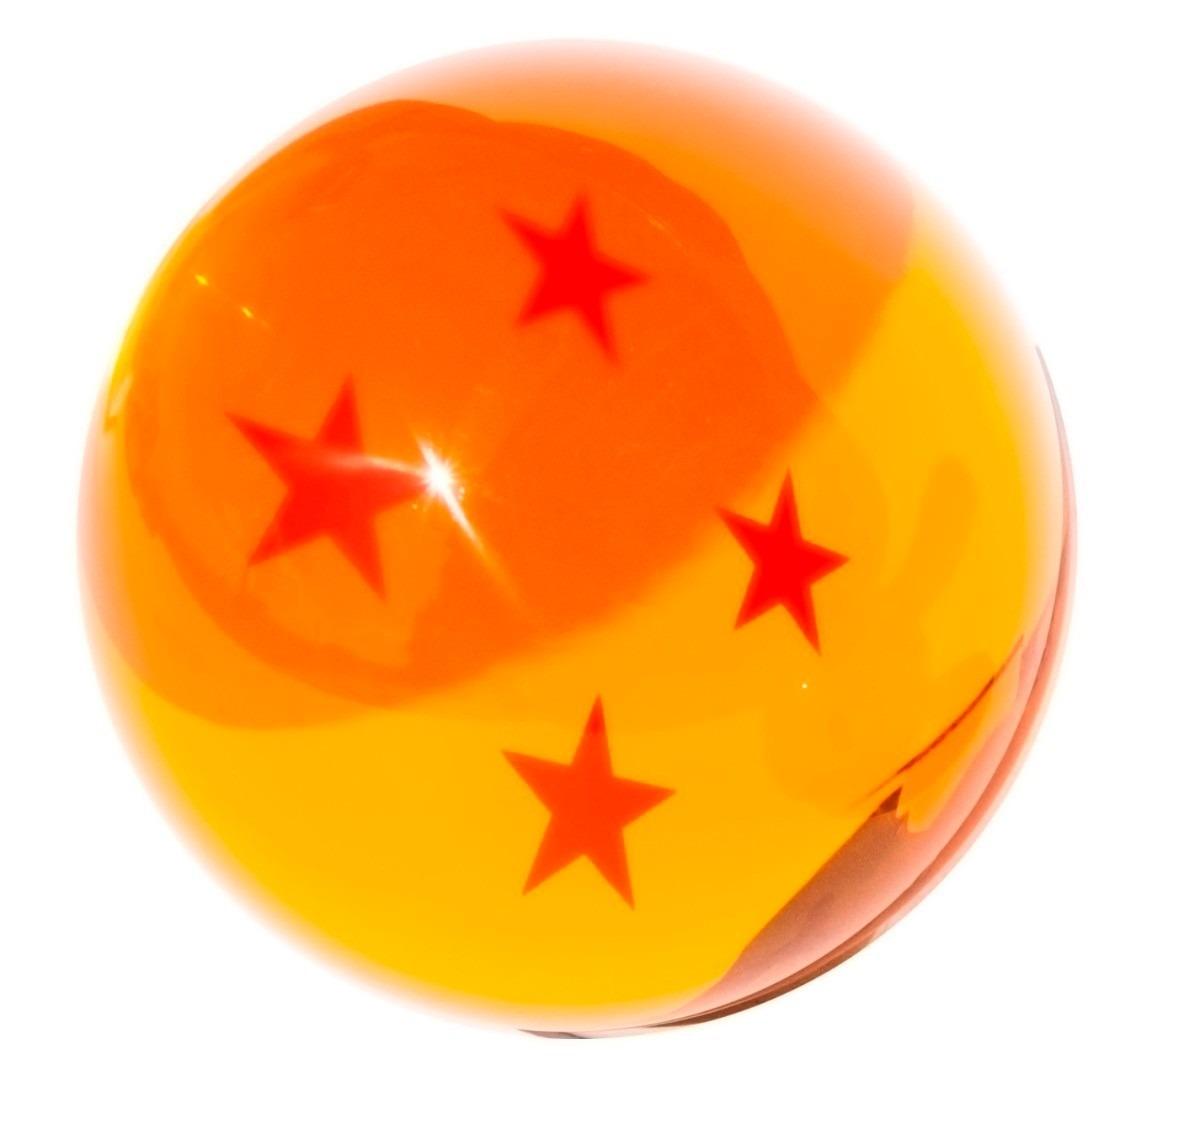 esferas del dragon - photo #6